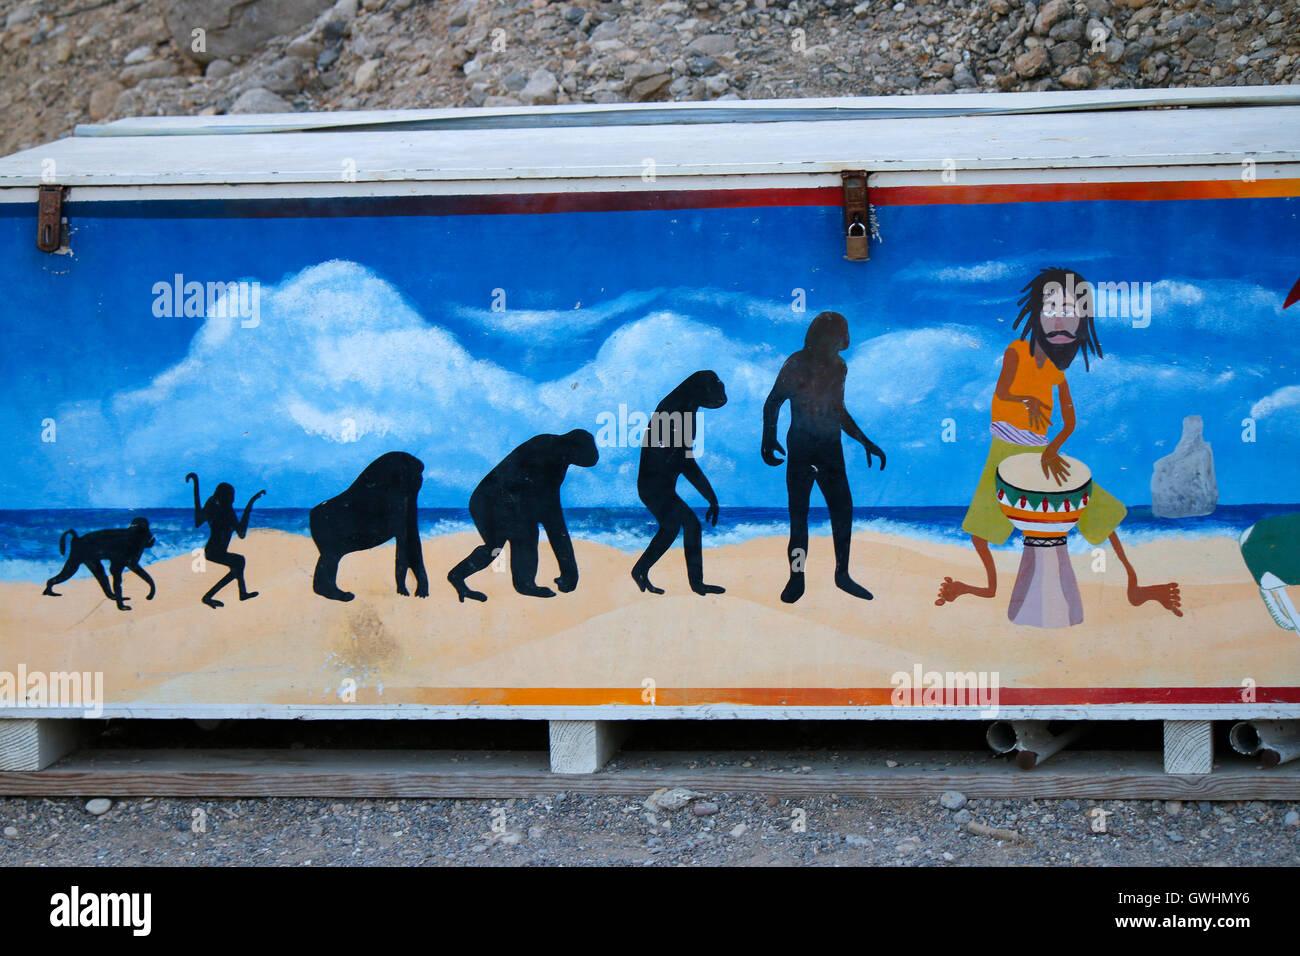 Malerei: Evolution, an dessen Ende der Schlagzeuger/ Drummer/ perkussionist steht, Cala Benirras, Ibiza, Spanien. - Stock Image